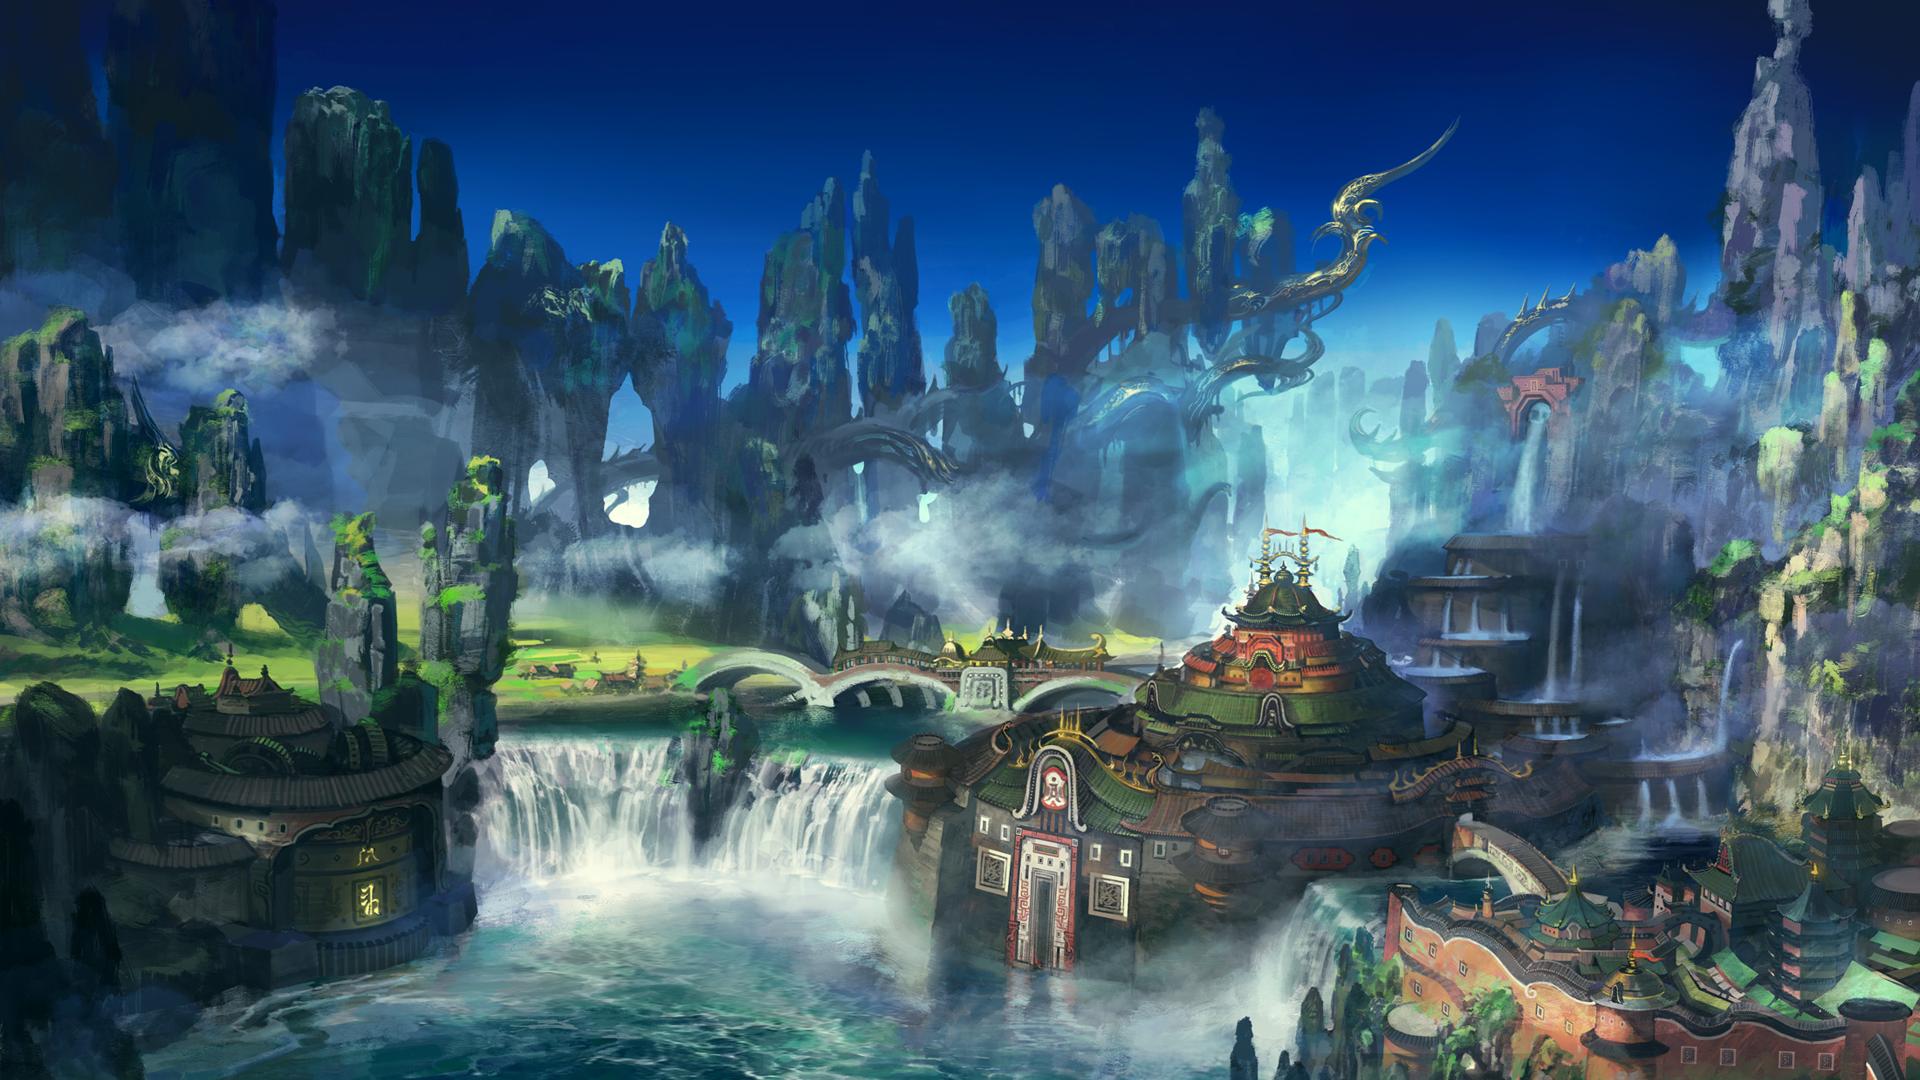 『ファイナルファンタジーXIV: 紅蓮のリベレーター』ゲーム画面